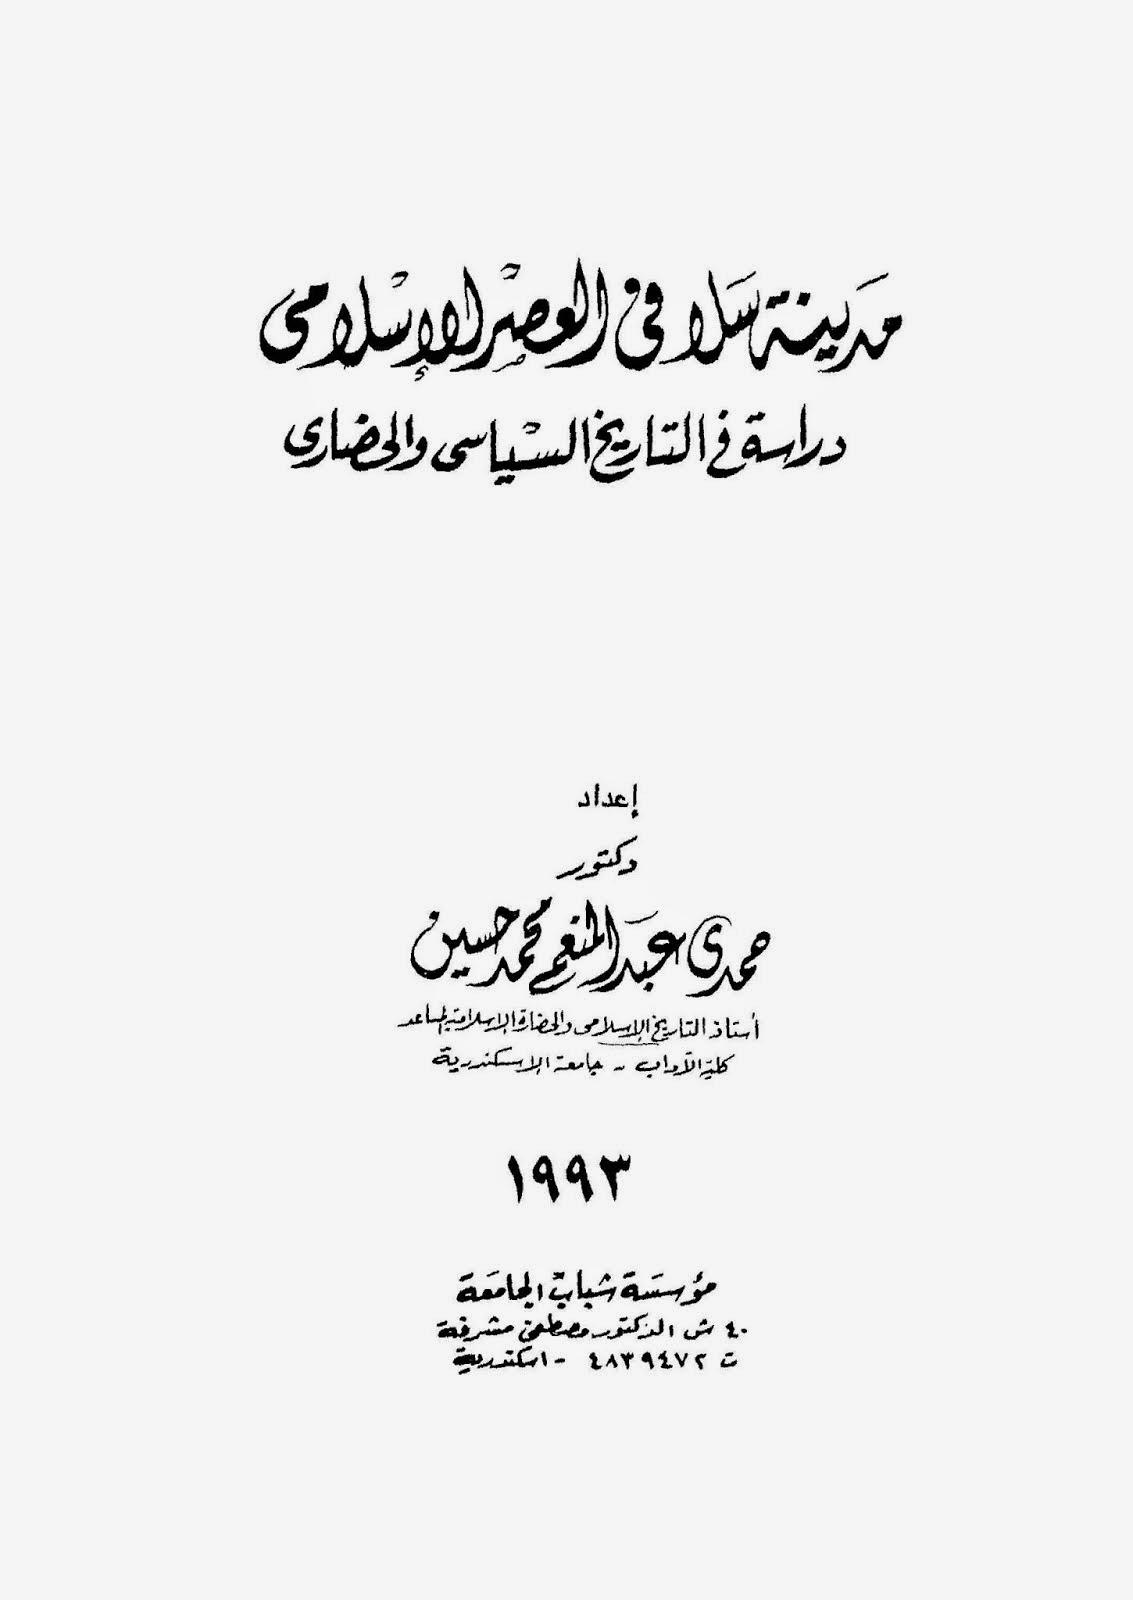 مدينة سلا في العصر الإسلامي دراسة في التاريخ السياسي والحضاري لـ حمدي عبد المنعم محمد حسين